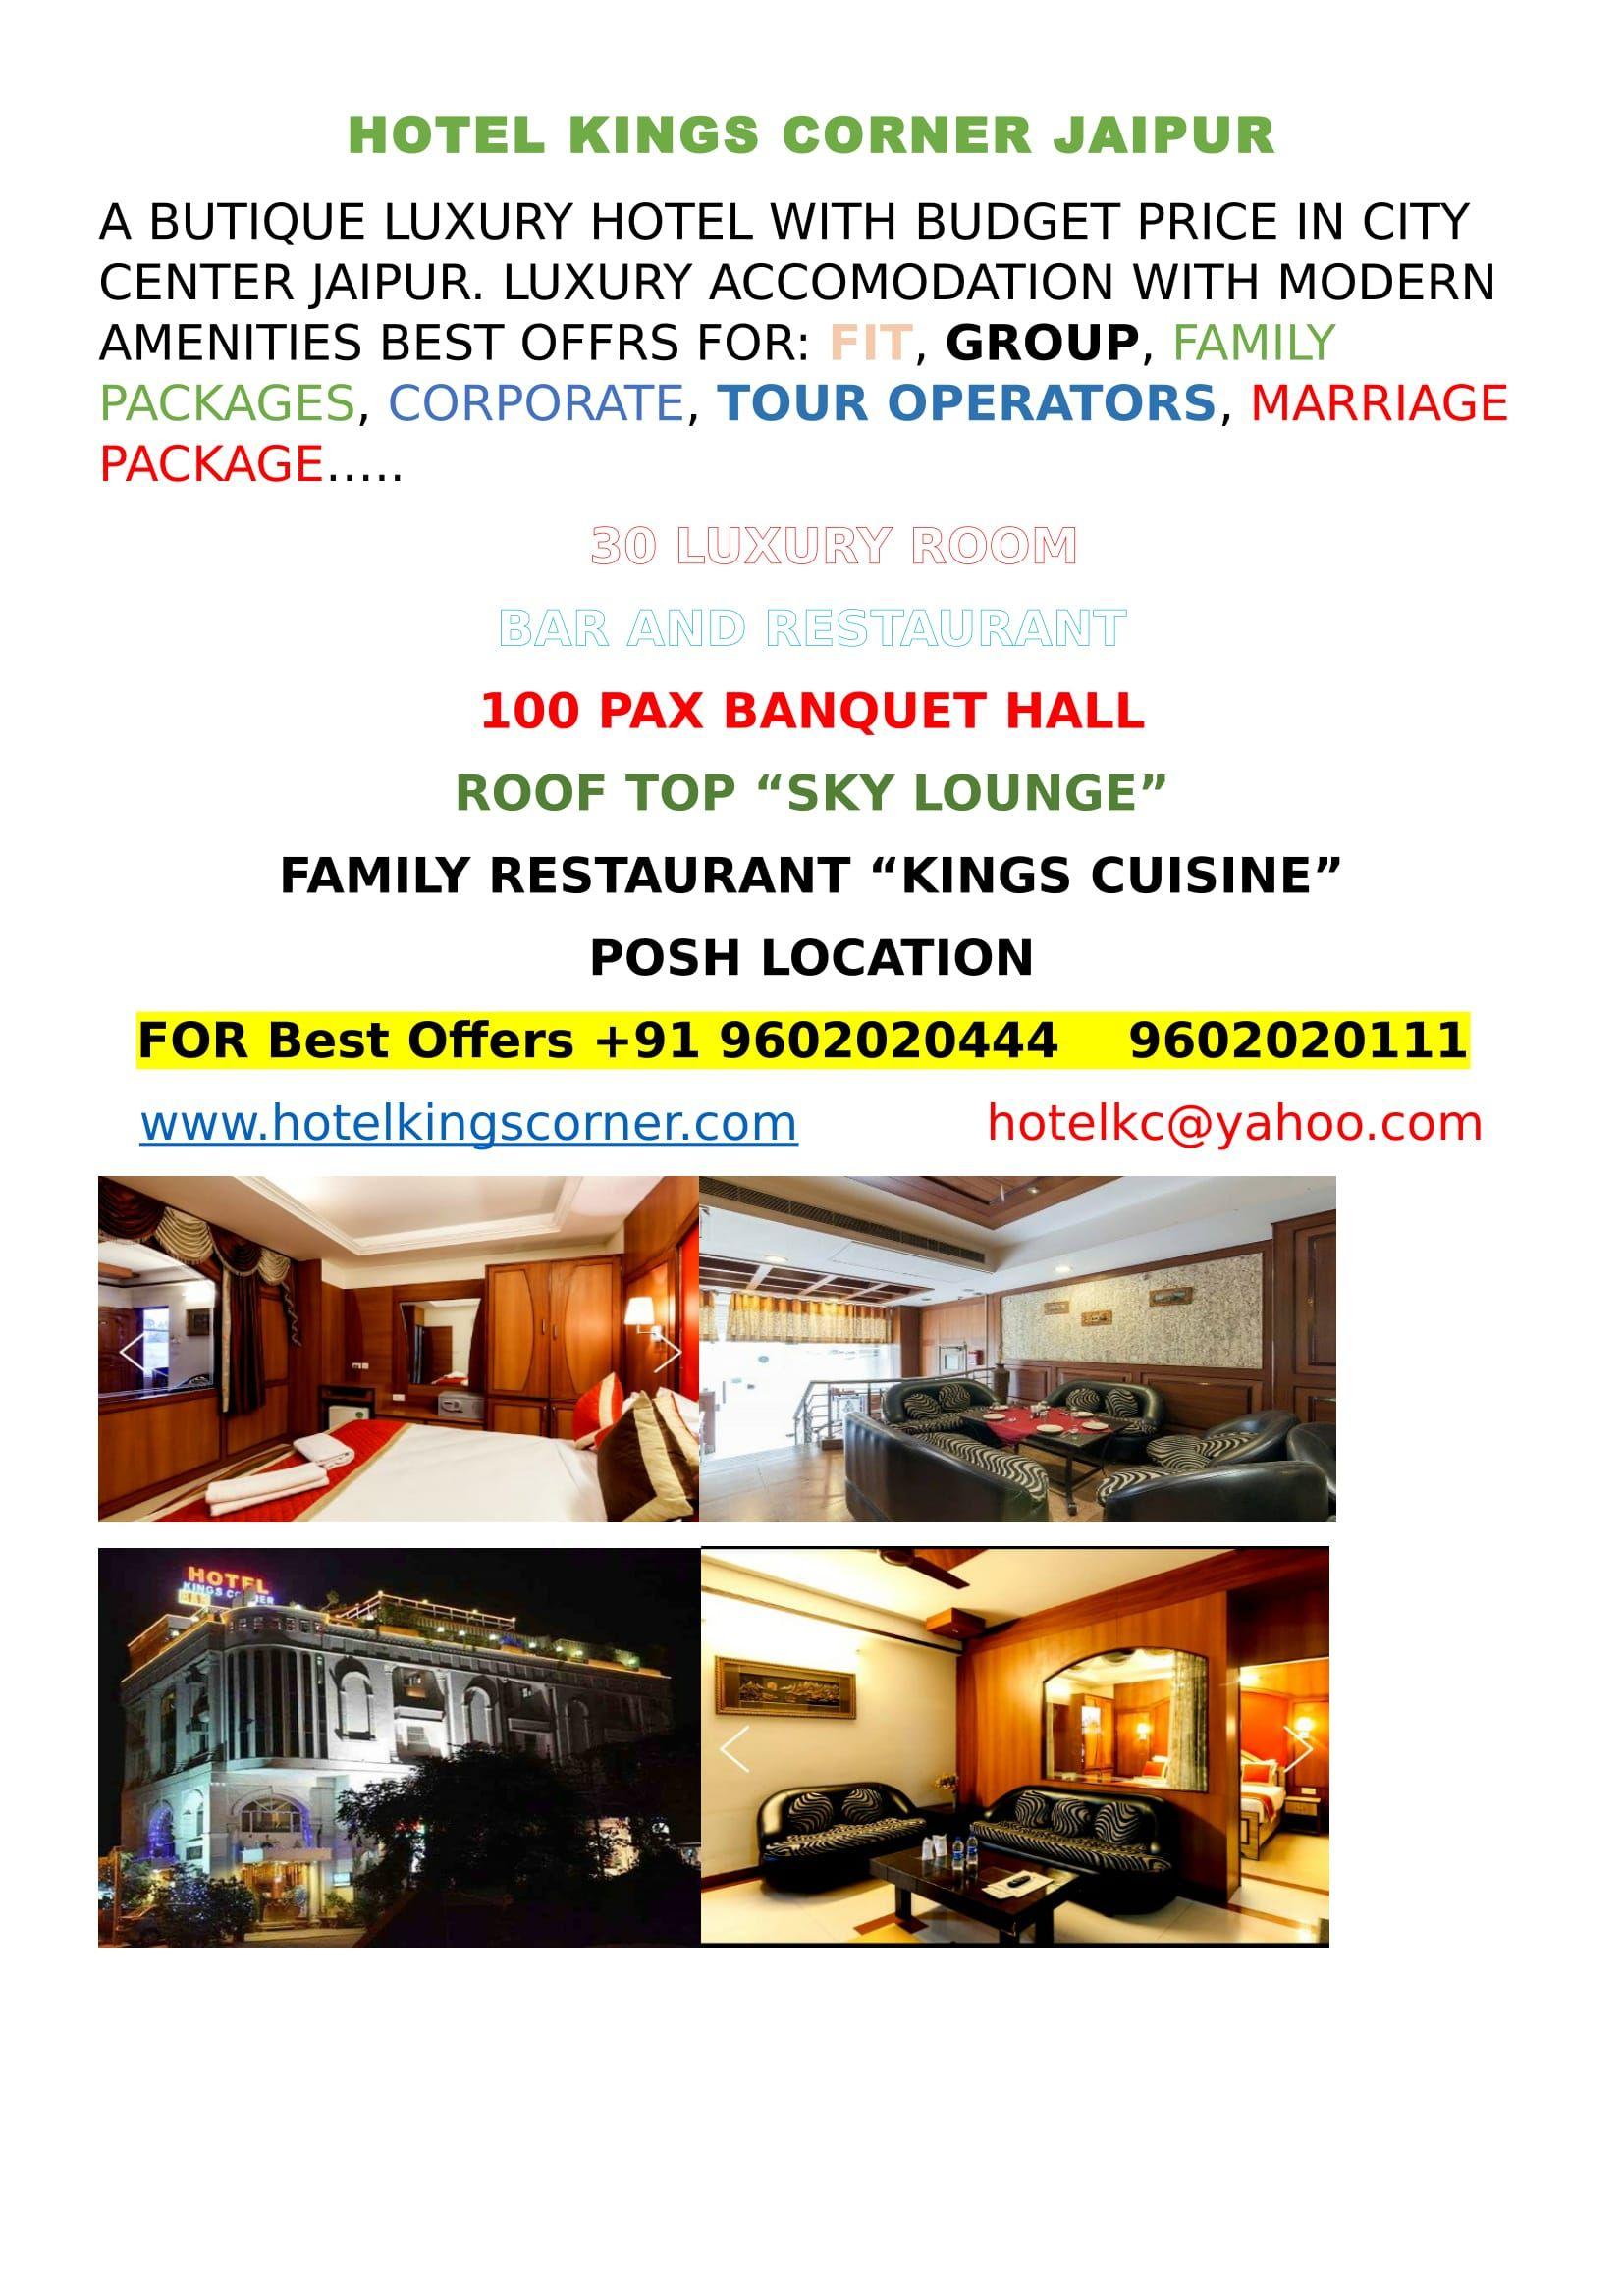 Pin By Hotel Kings On Hotel Kings Corner Jaipur Hotel King